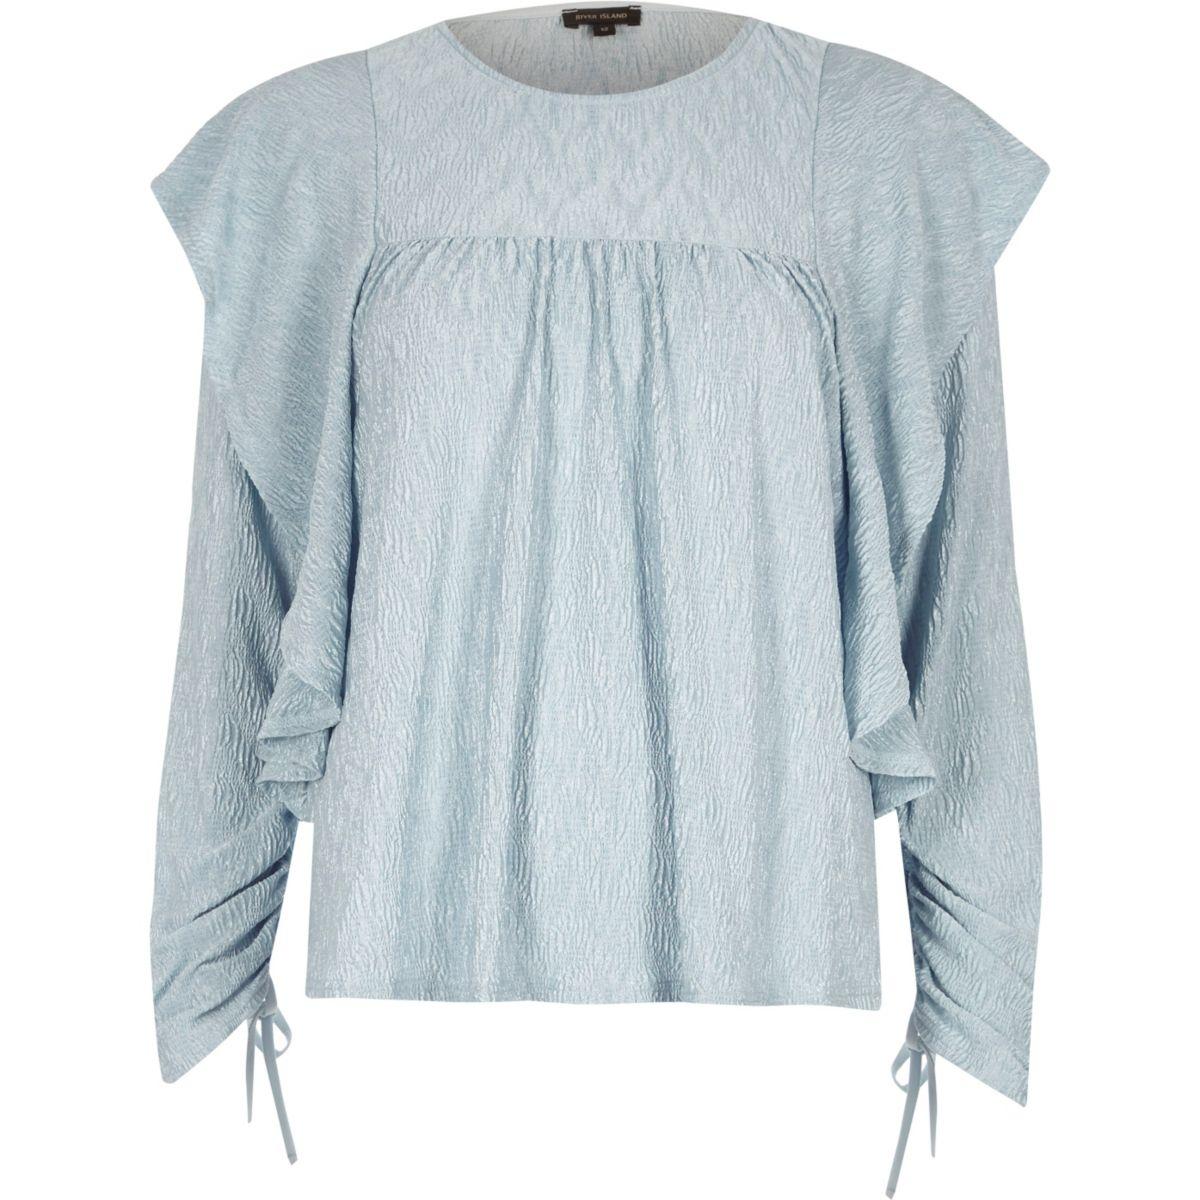 Light blue frill drawstring sleeve top